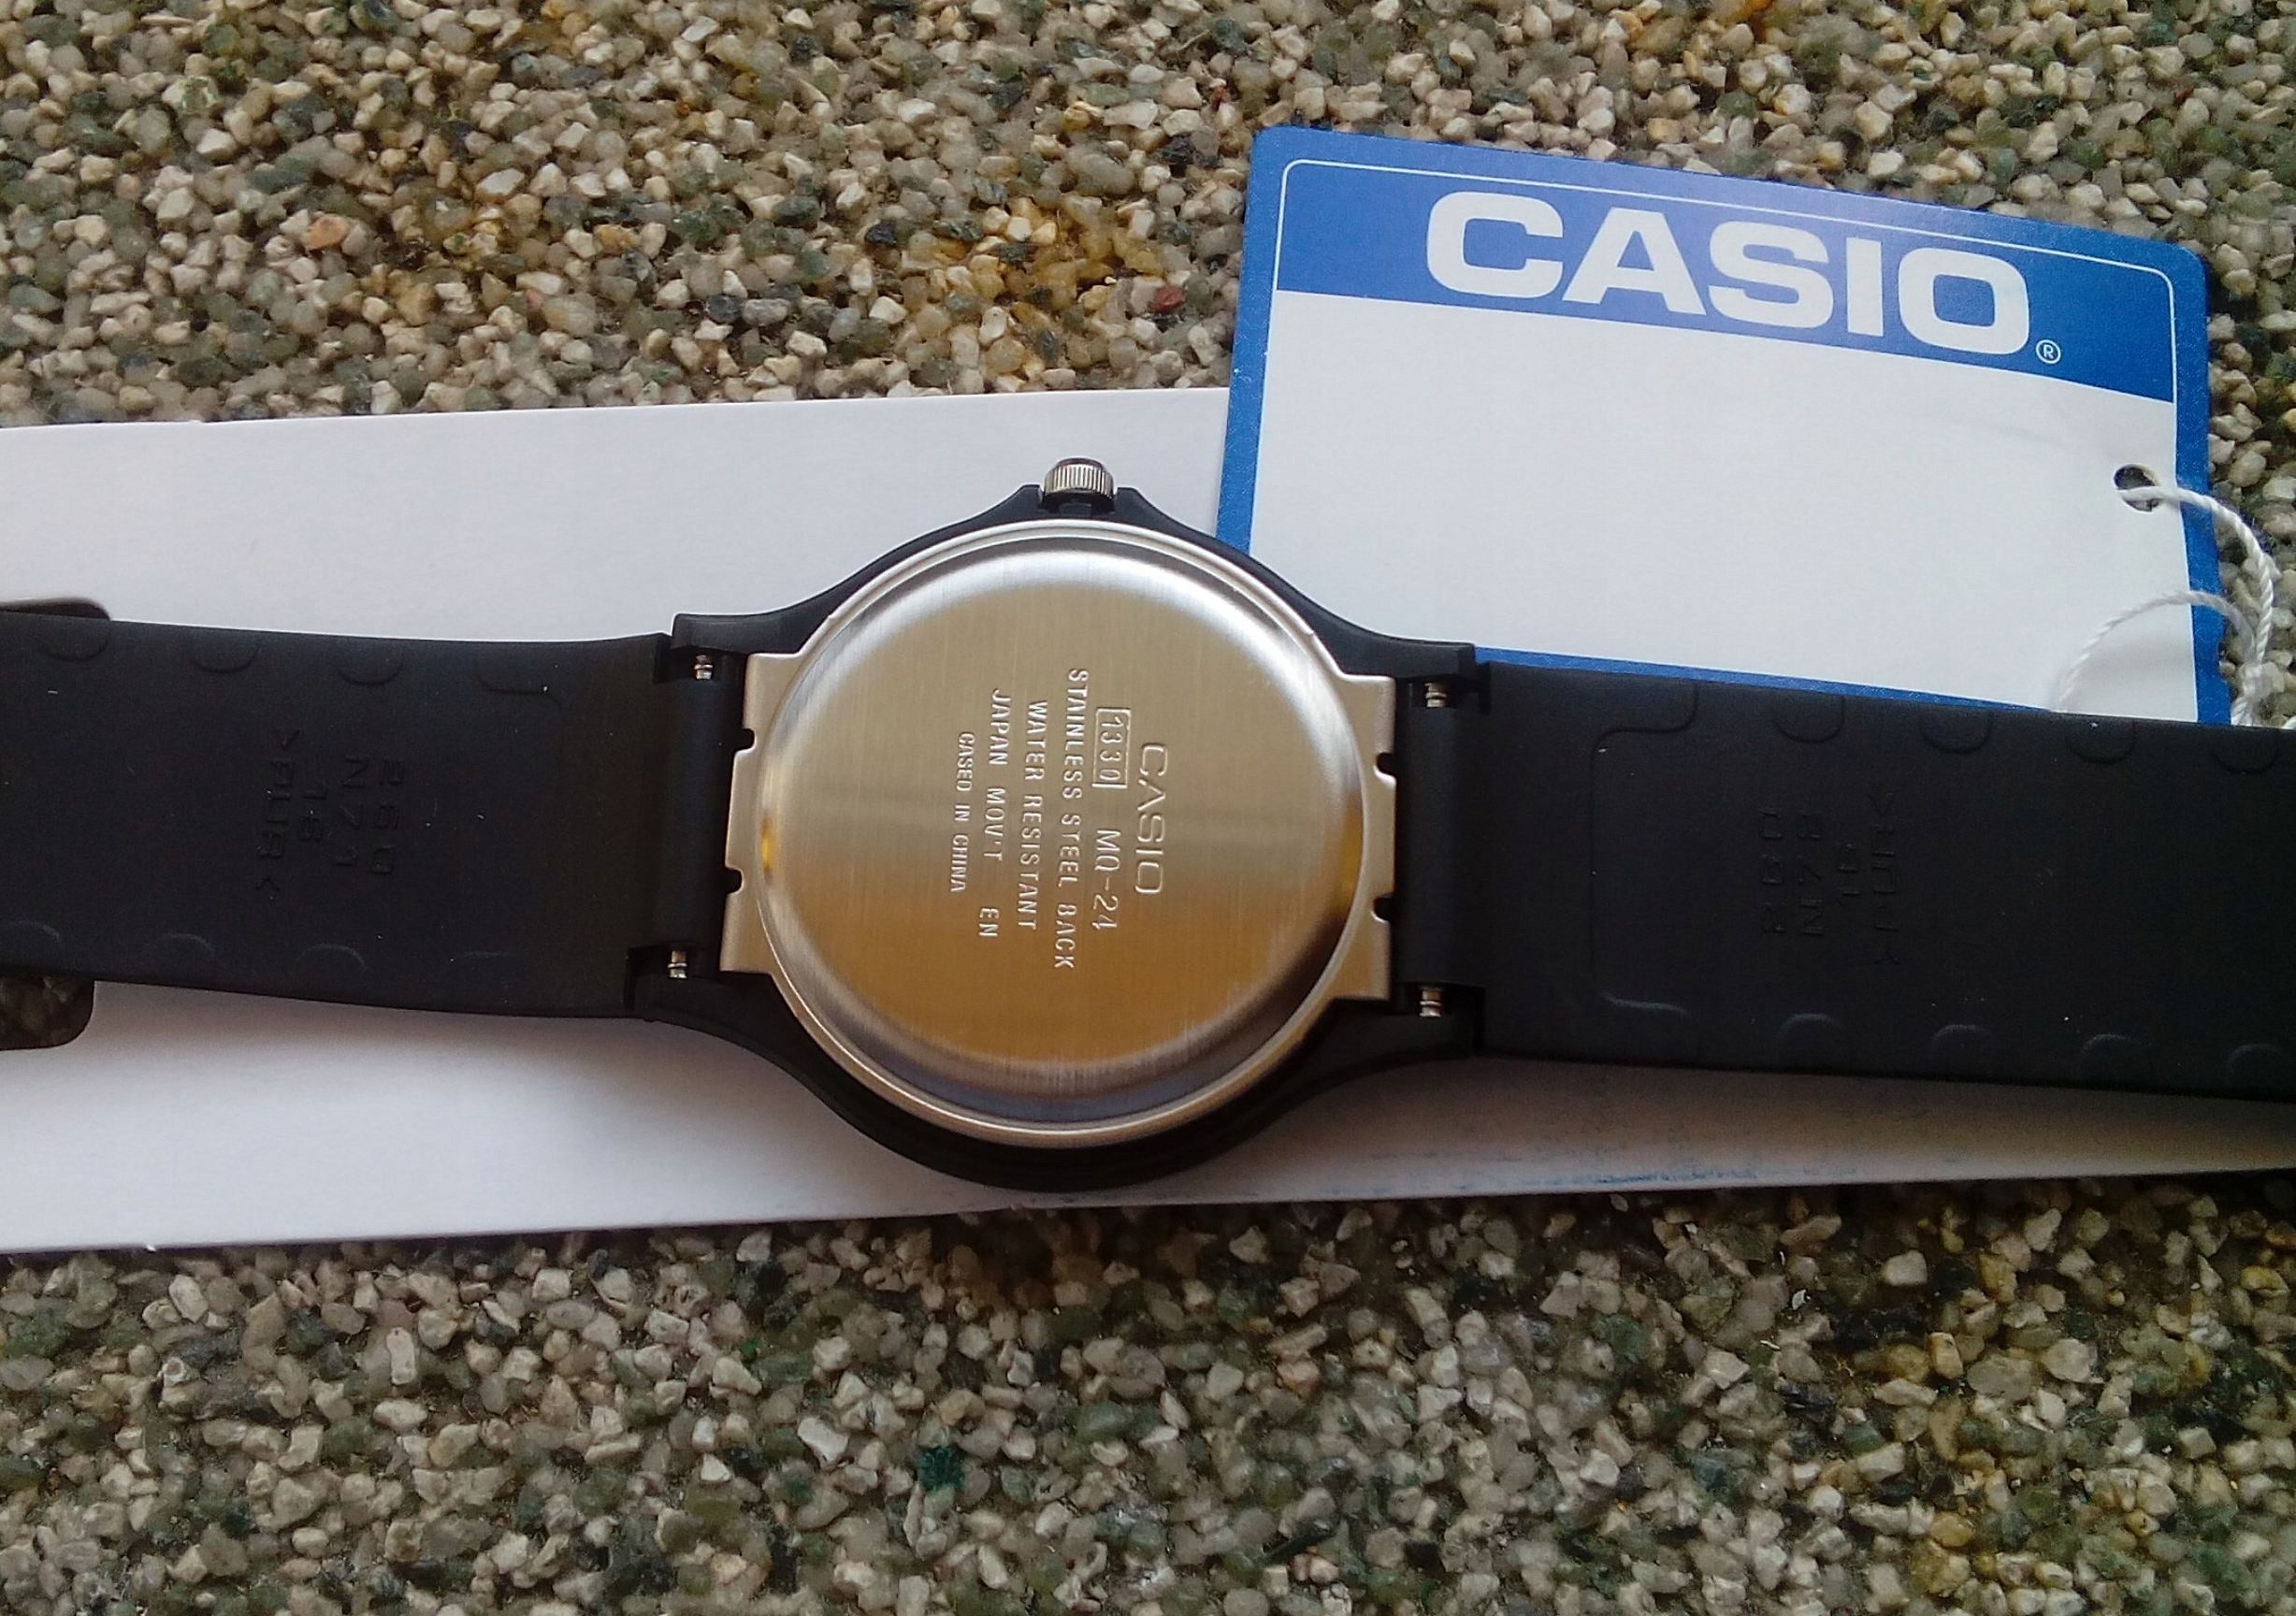 Harga Casio Mq24 Terbaru 2018 Aem Piggyback 1930 Fic8 Znakomity Nowy Zegarek 7b 7419934395 Oficjalne